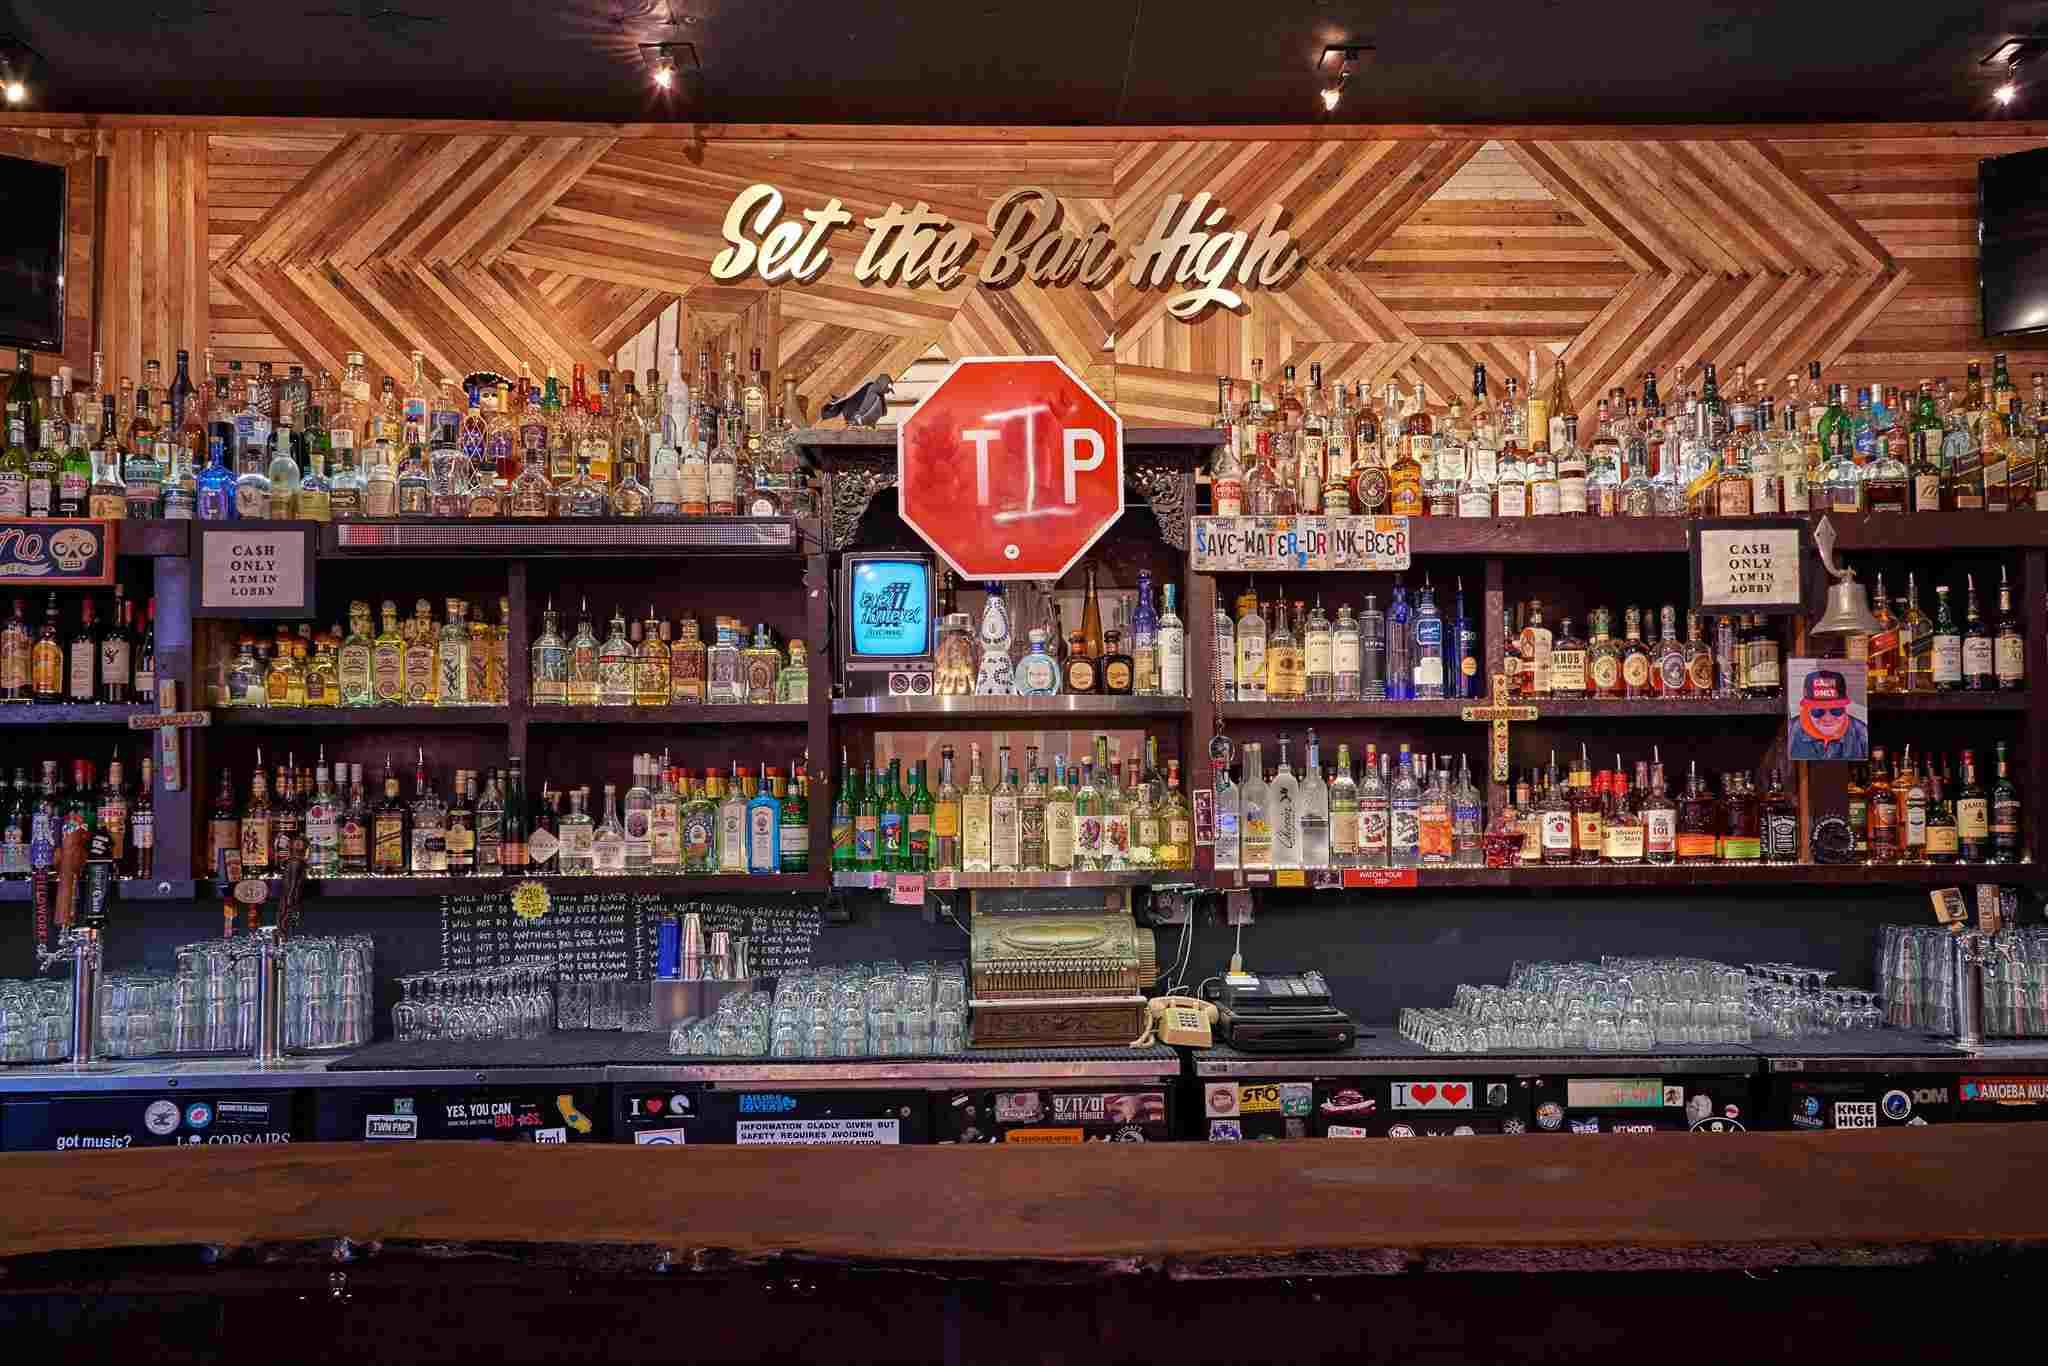 Madrone Art Bar's bar